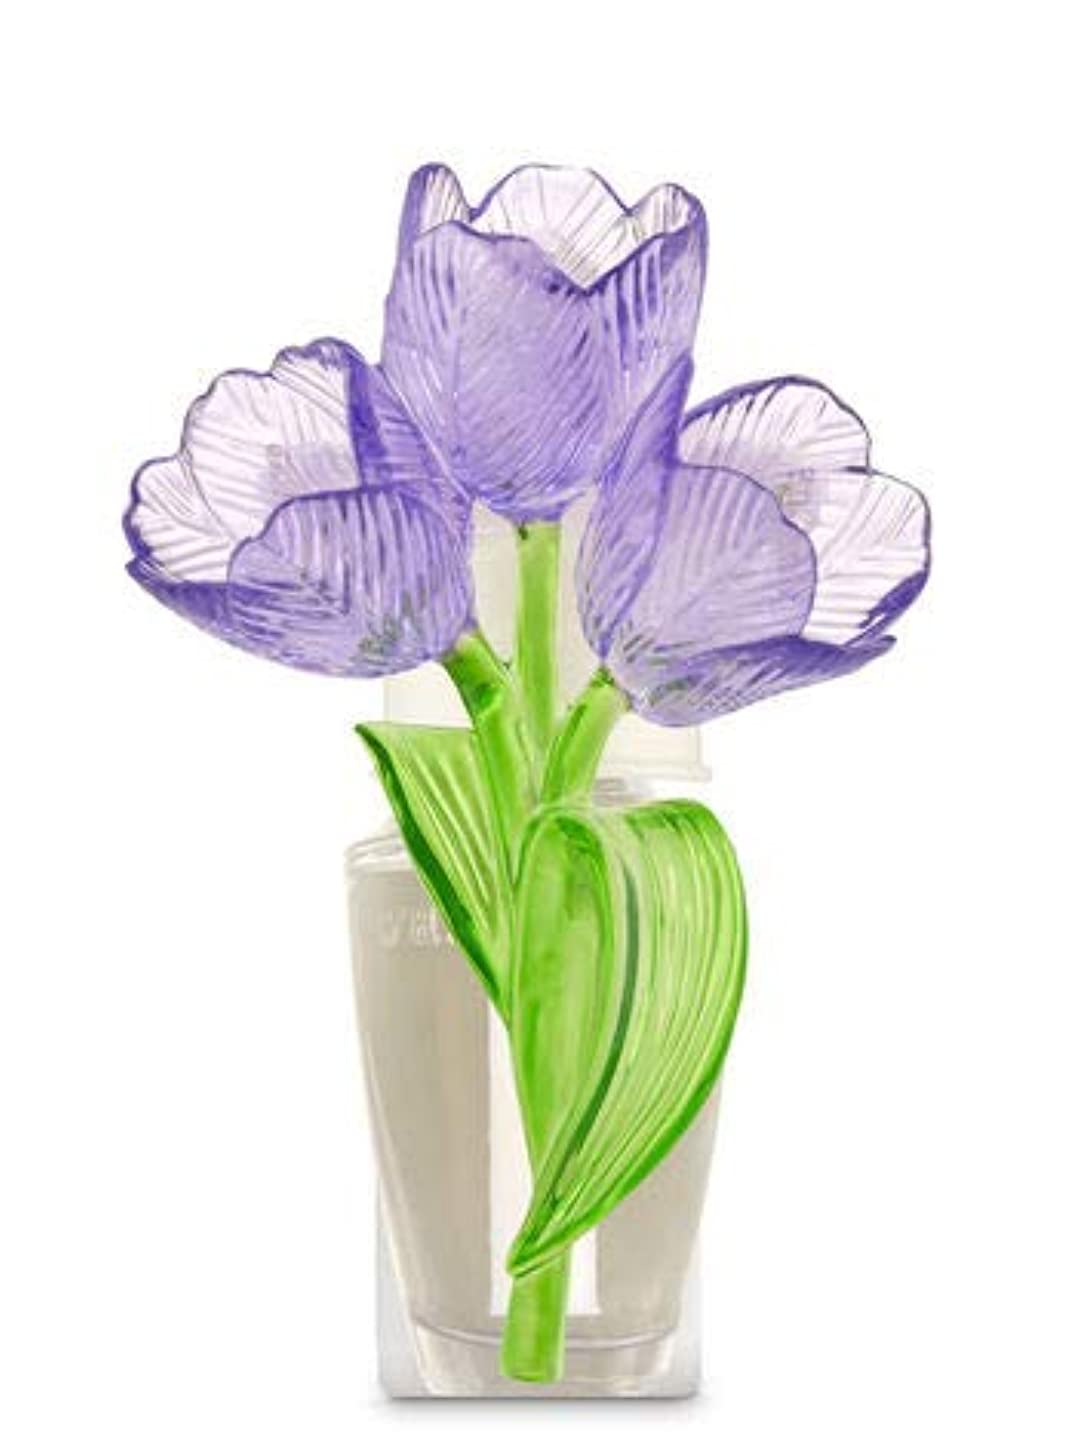 小道タールマニア【Bath&Body Works/バス&ボディワークス】 ルームフレグランス プラグインスターター (本体のみ) チューリップ ナイトライト Wallflowers Fragrance Plug Tulips Night...